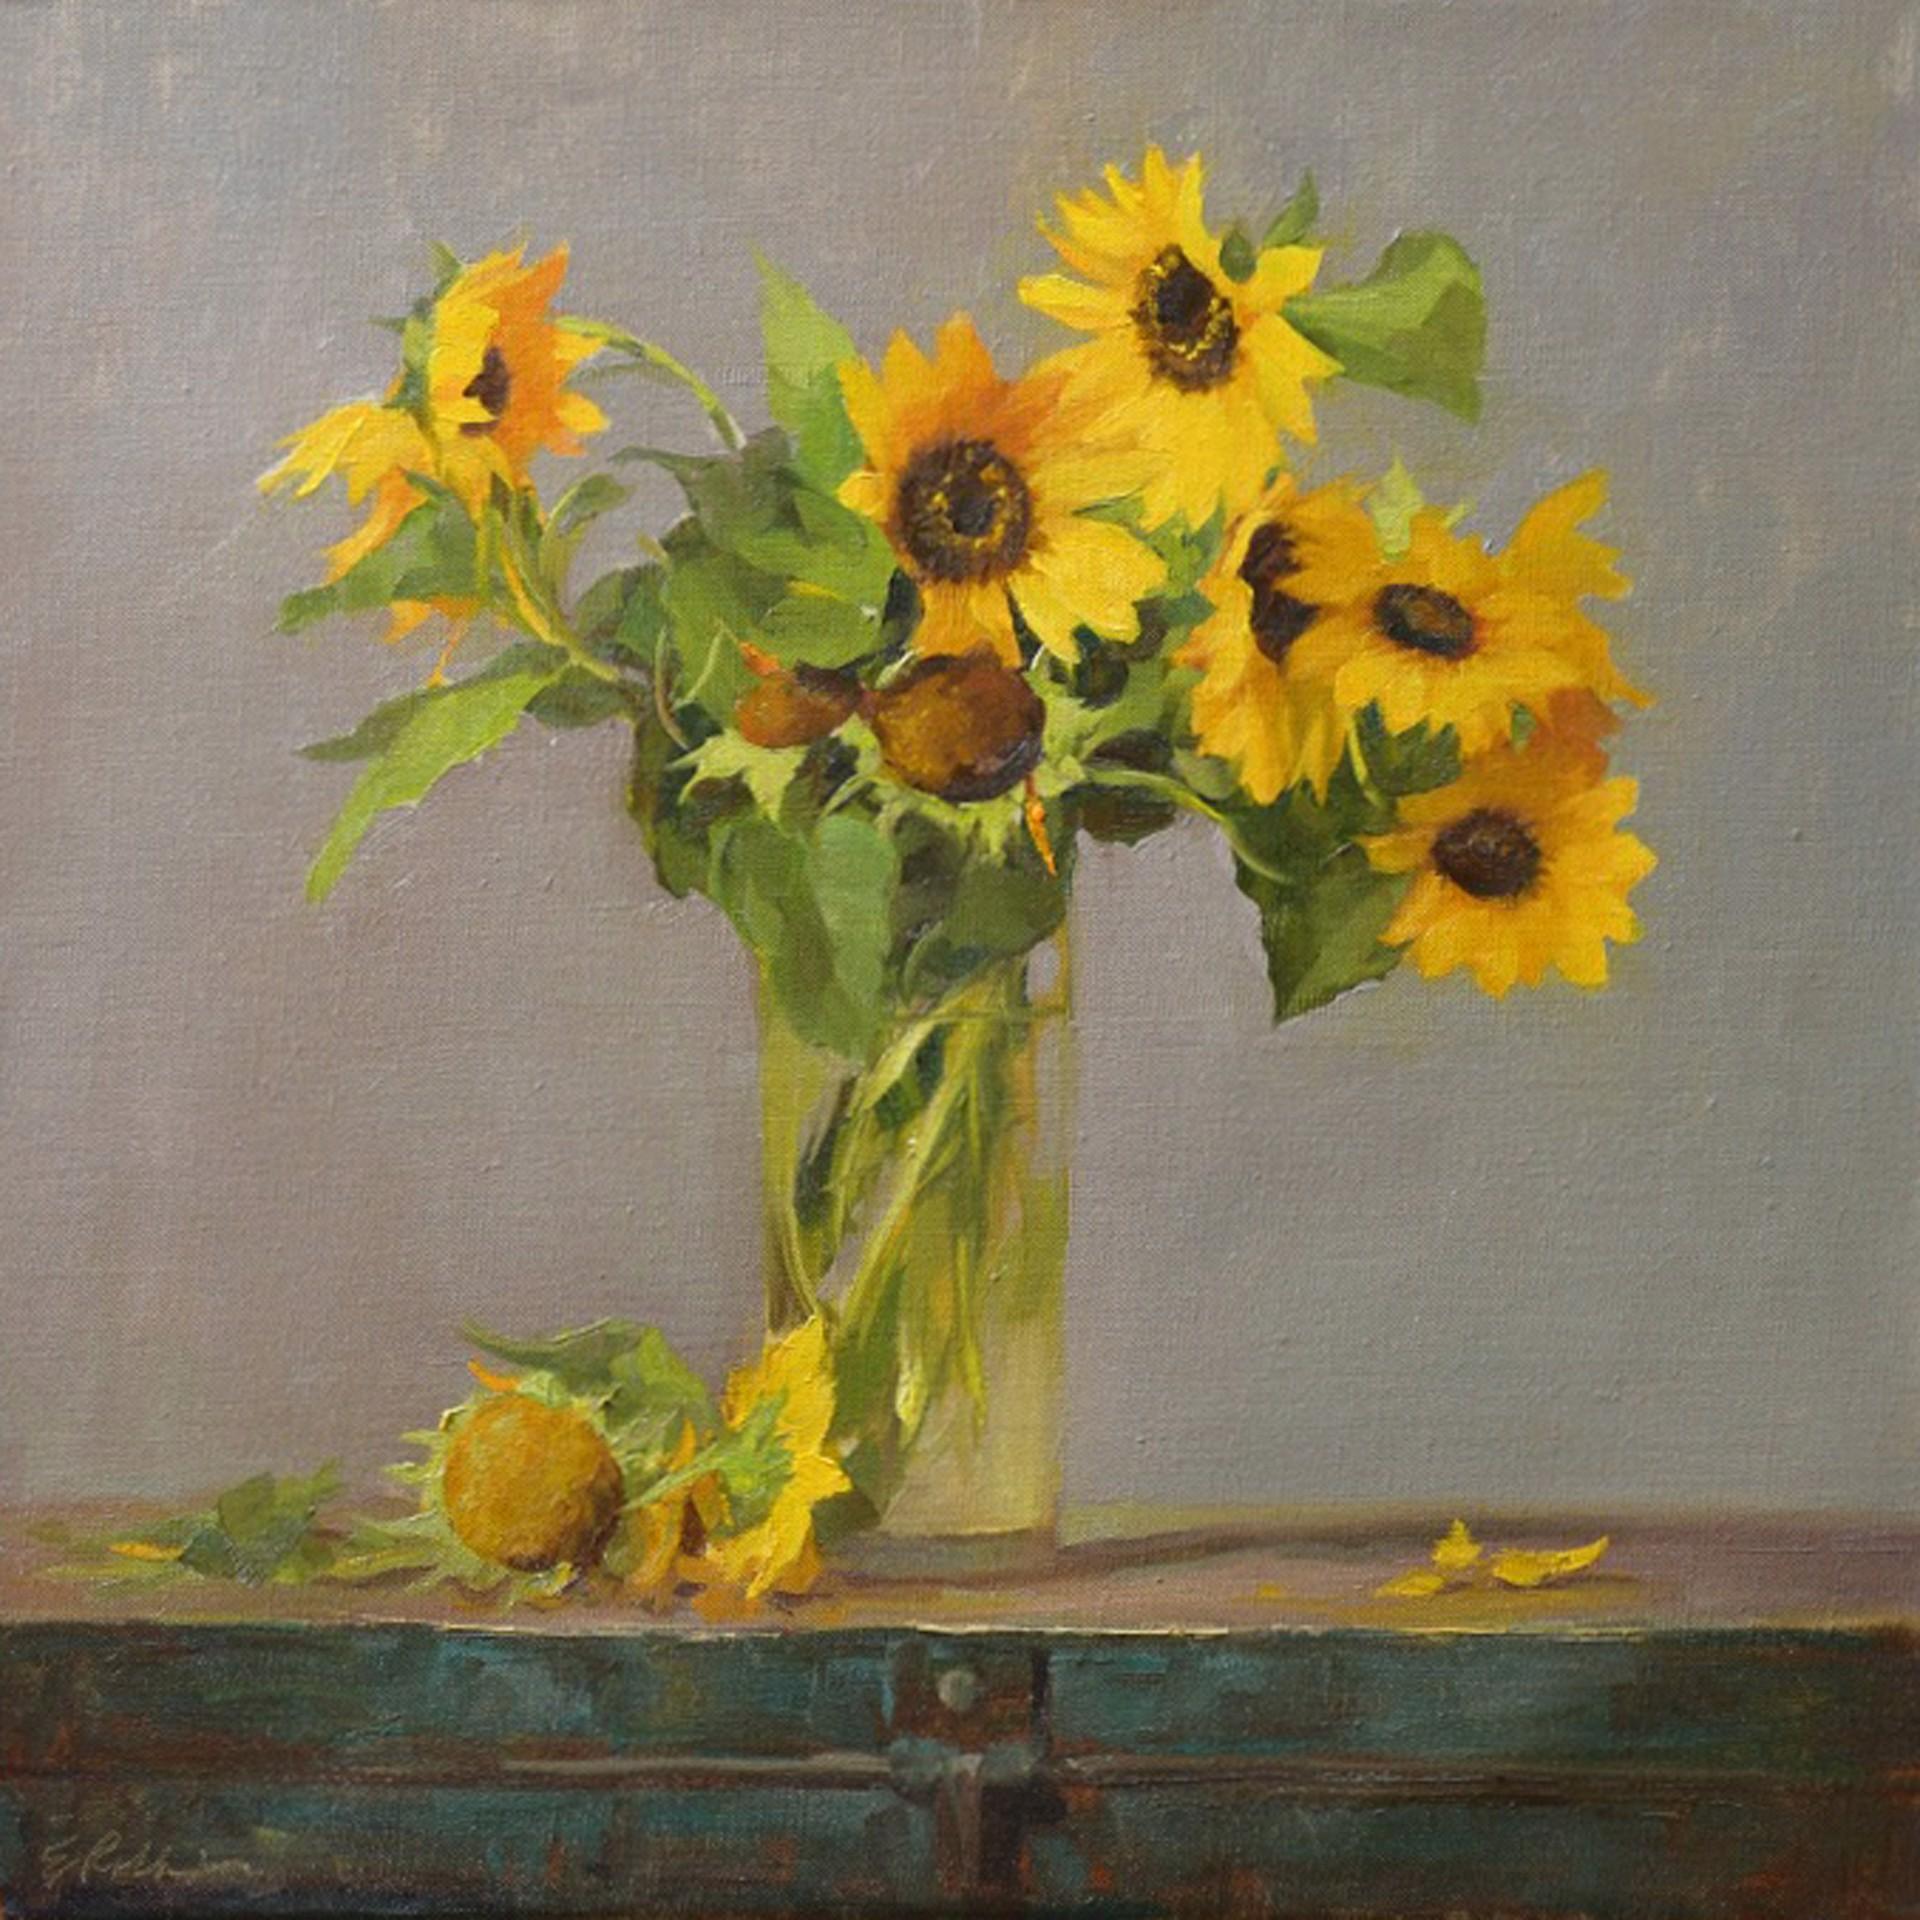 Yellow Bliss by Elizabeth Robbins